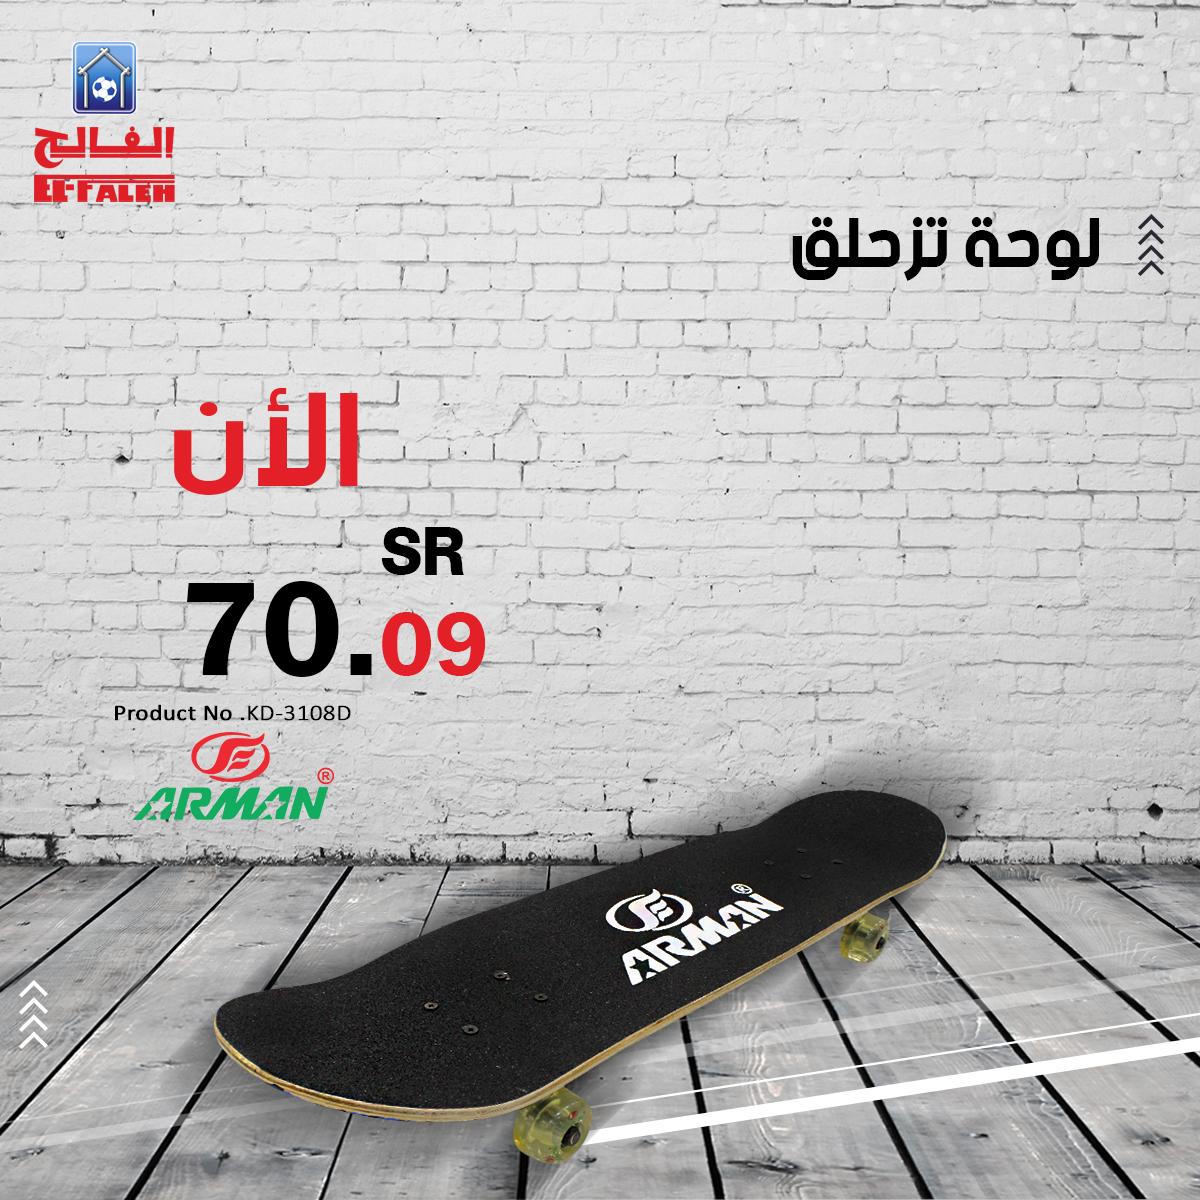 بيت الرياضة الفالح Twitter પર لوحة تزحلق من بيت الرياضة الفالح فقط بـ 70 09 ريال استمتع بهوايتك المفضلة